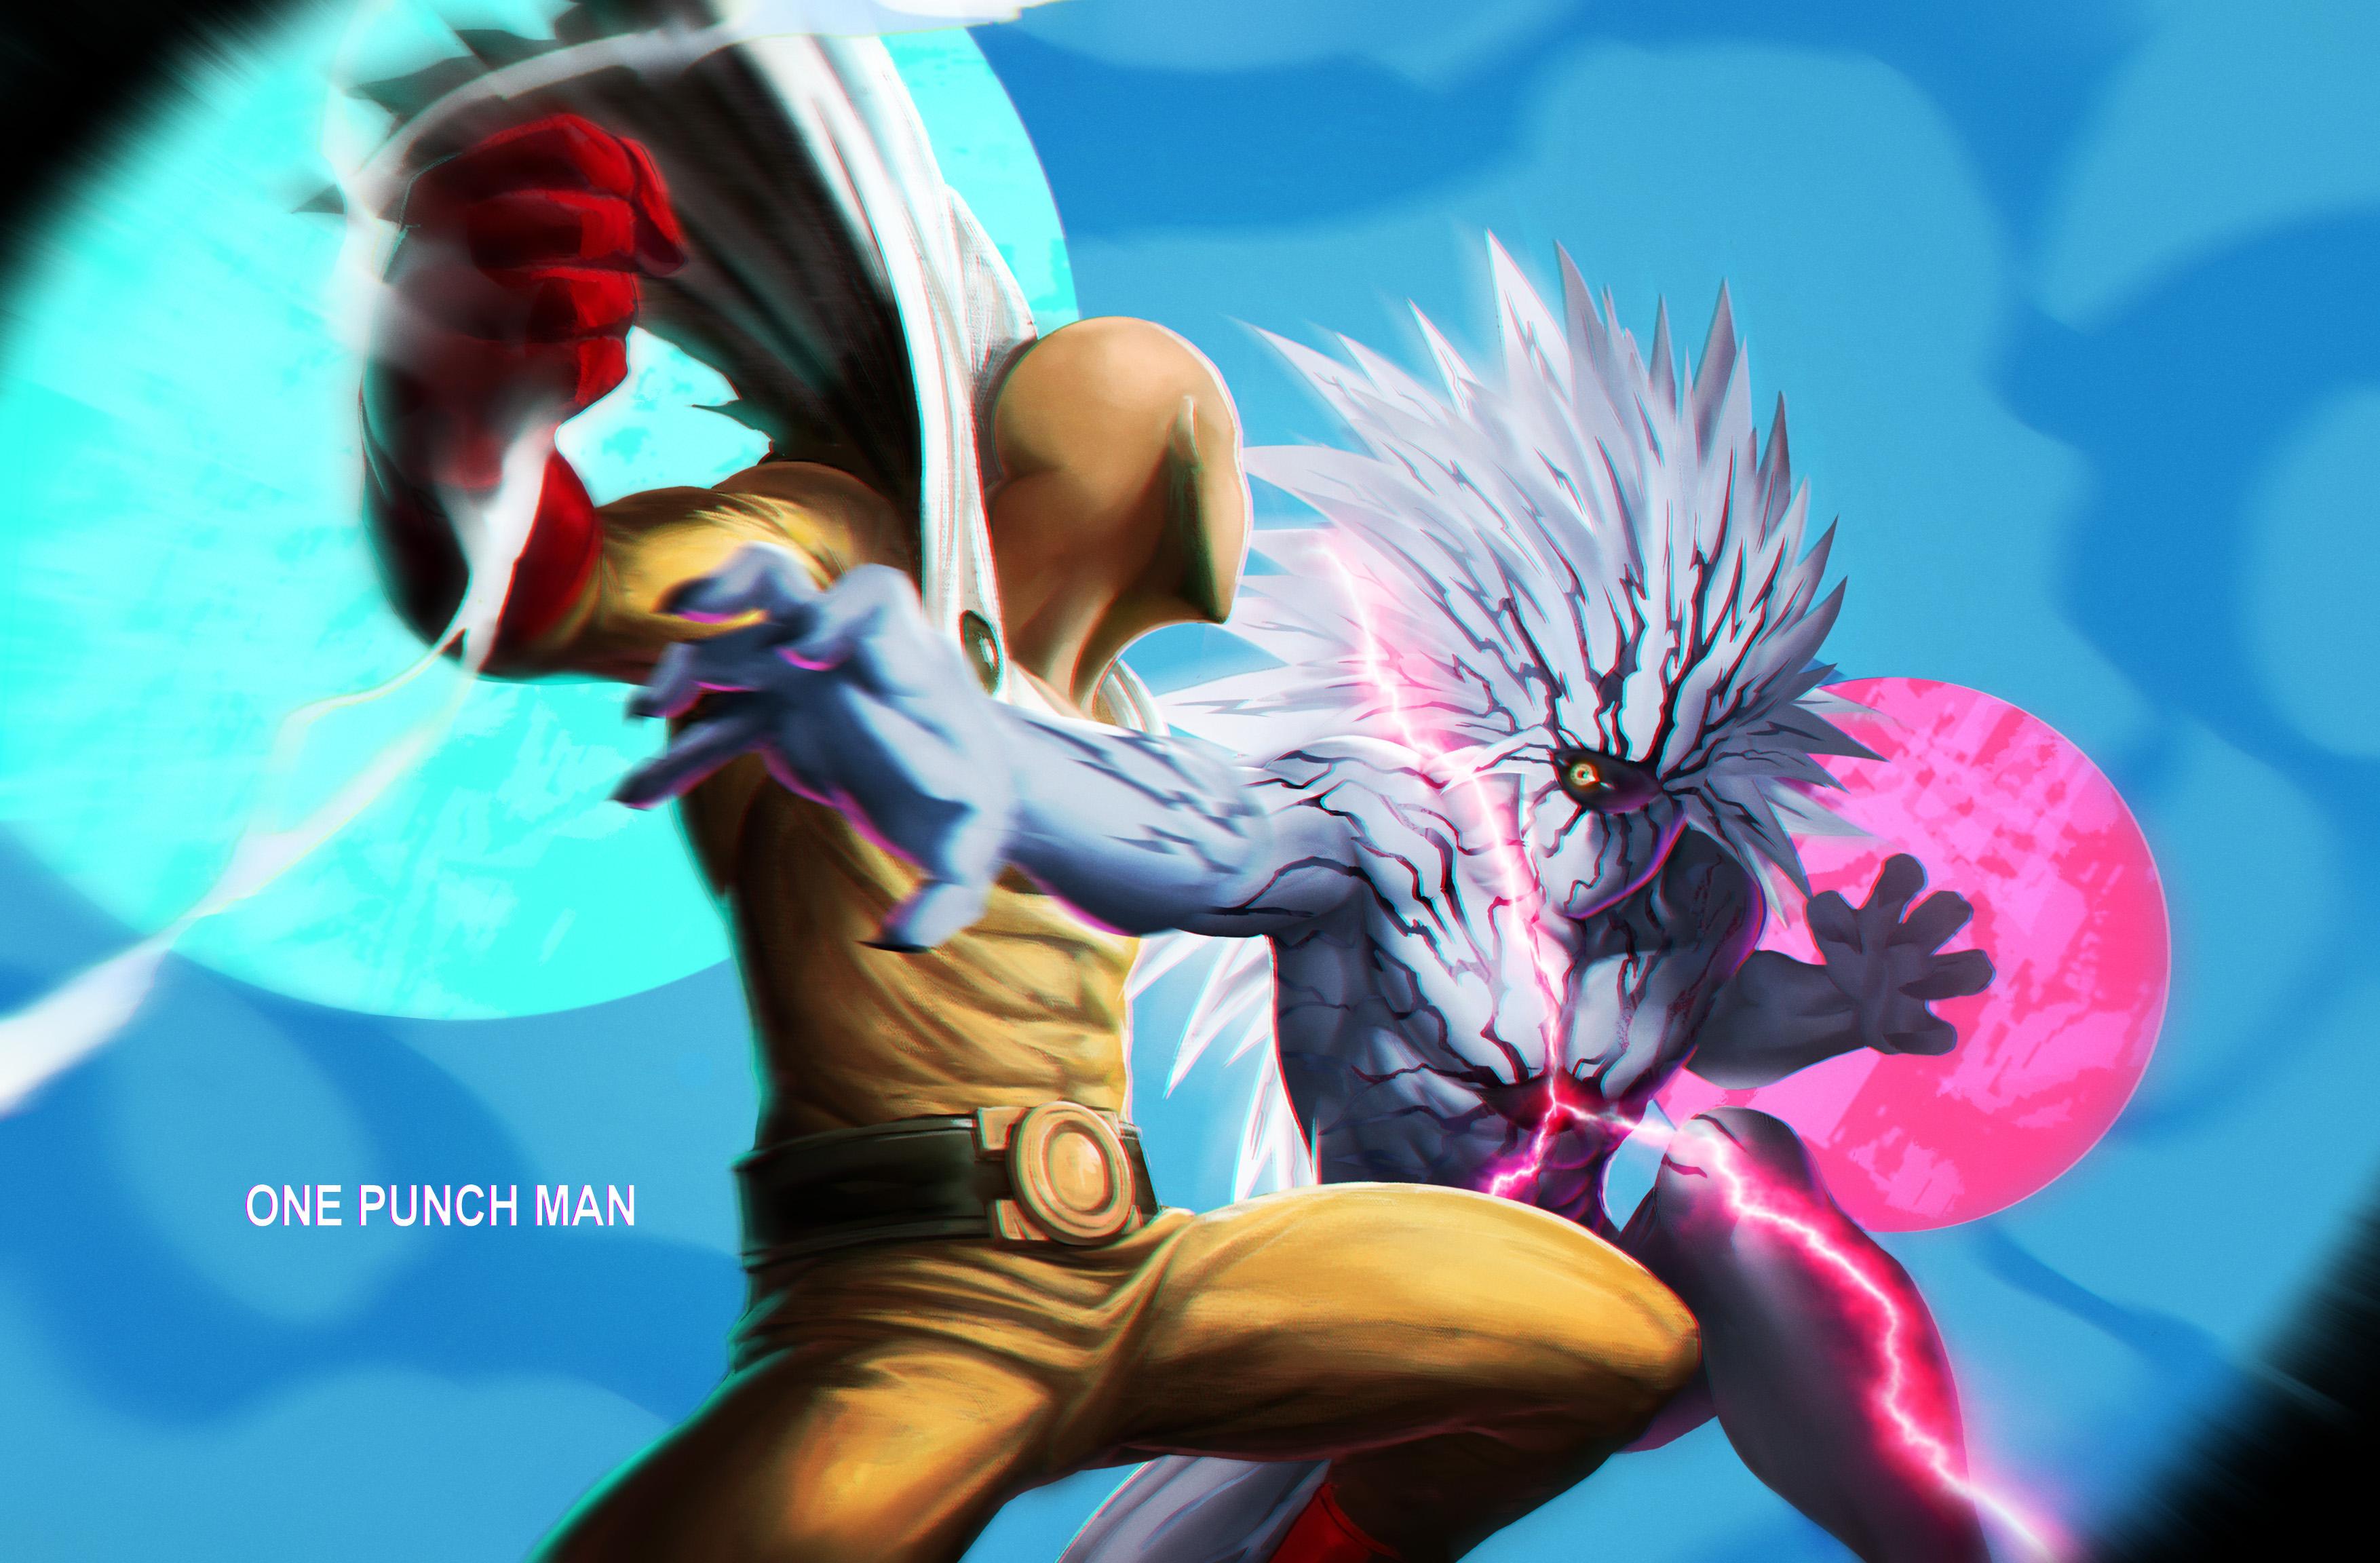 《一拳超人》高清壁纸合集